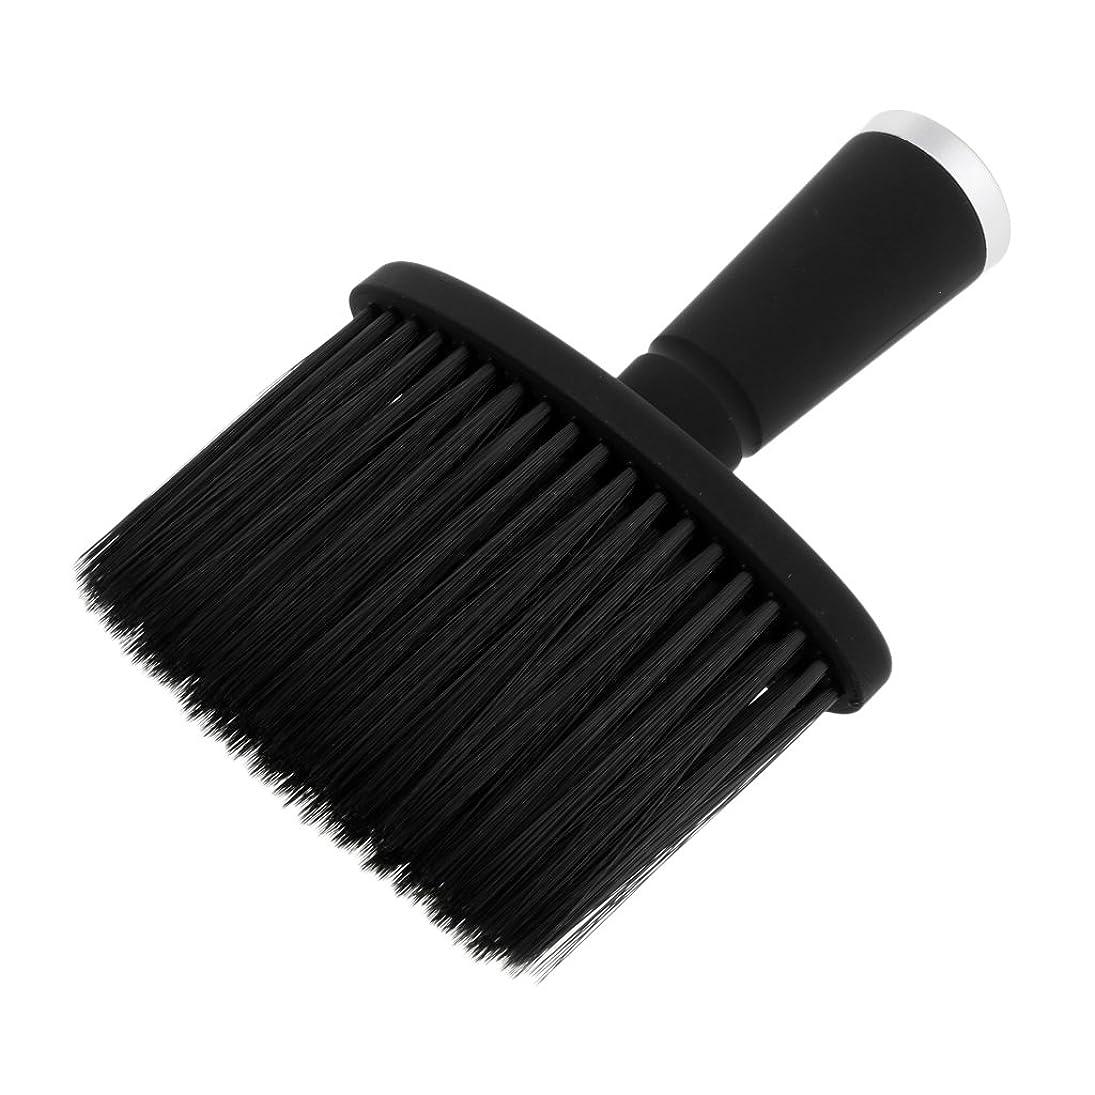 配偶者メタルライン地味な大広間のスタイリストの理髪師の毛の切断の構造用具のための柔らかい首の塵払いのブラシ - 銀